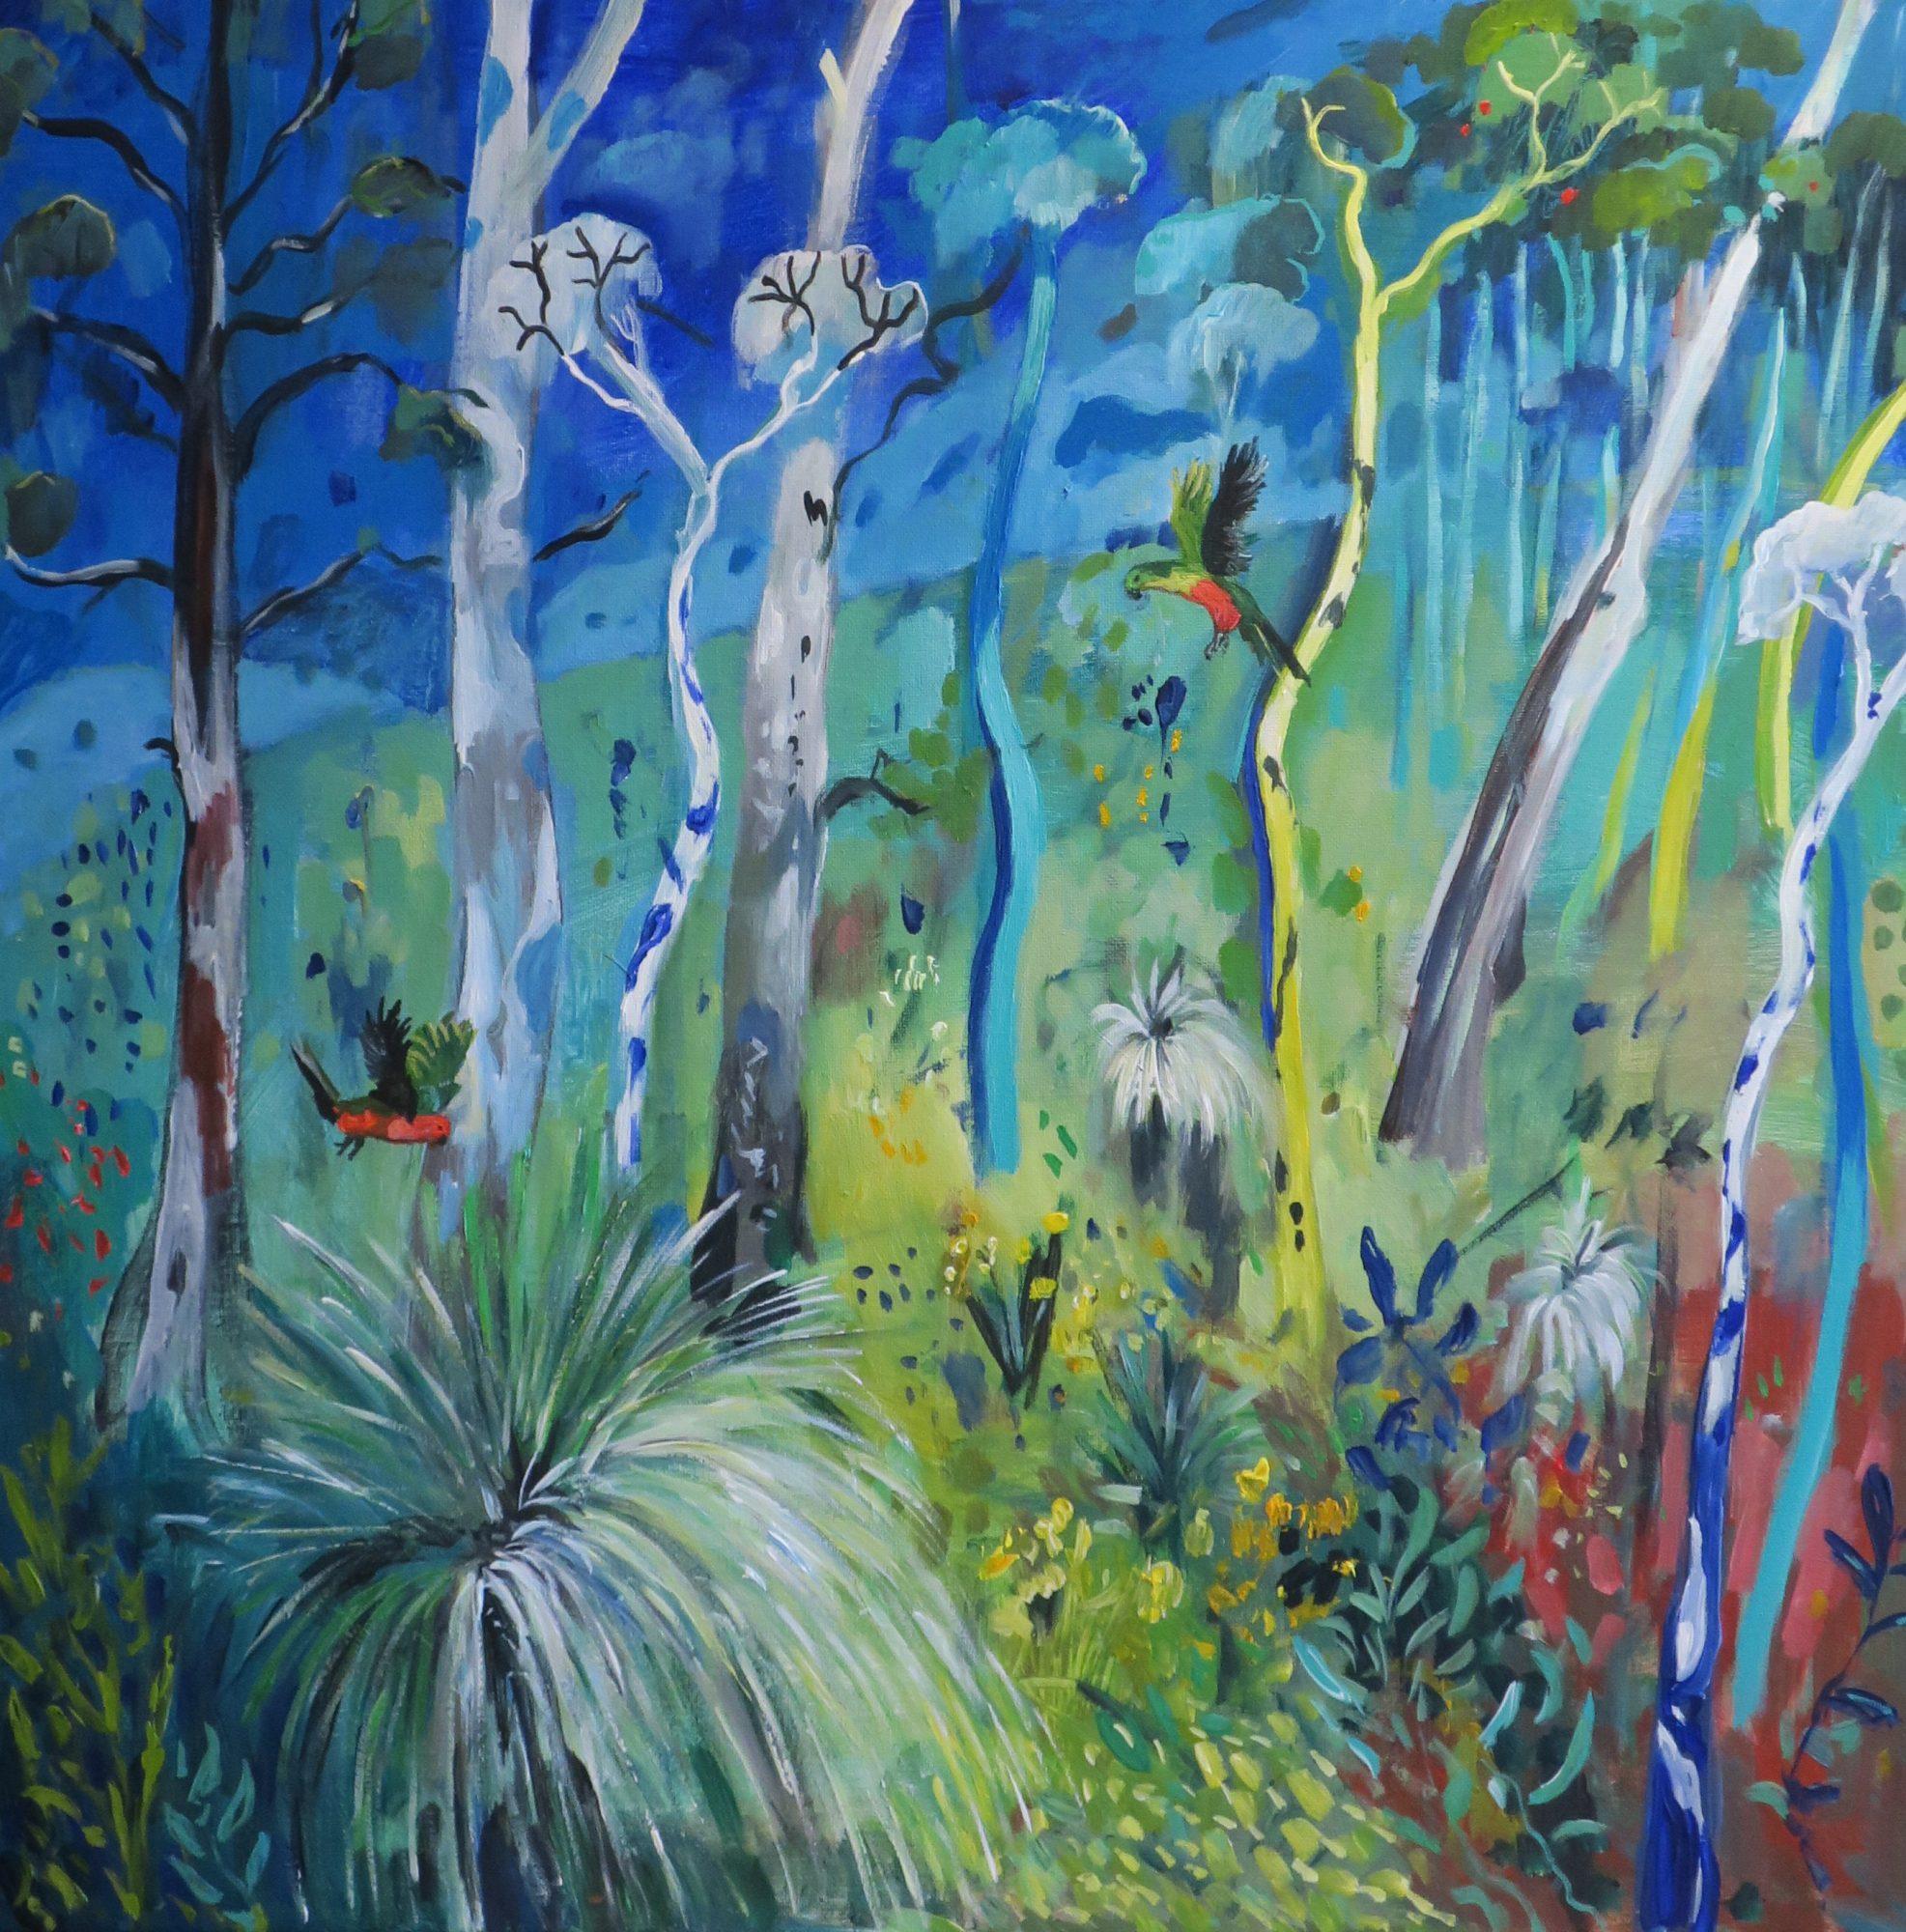 bushland-and-birds-on-blue